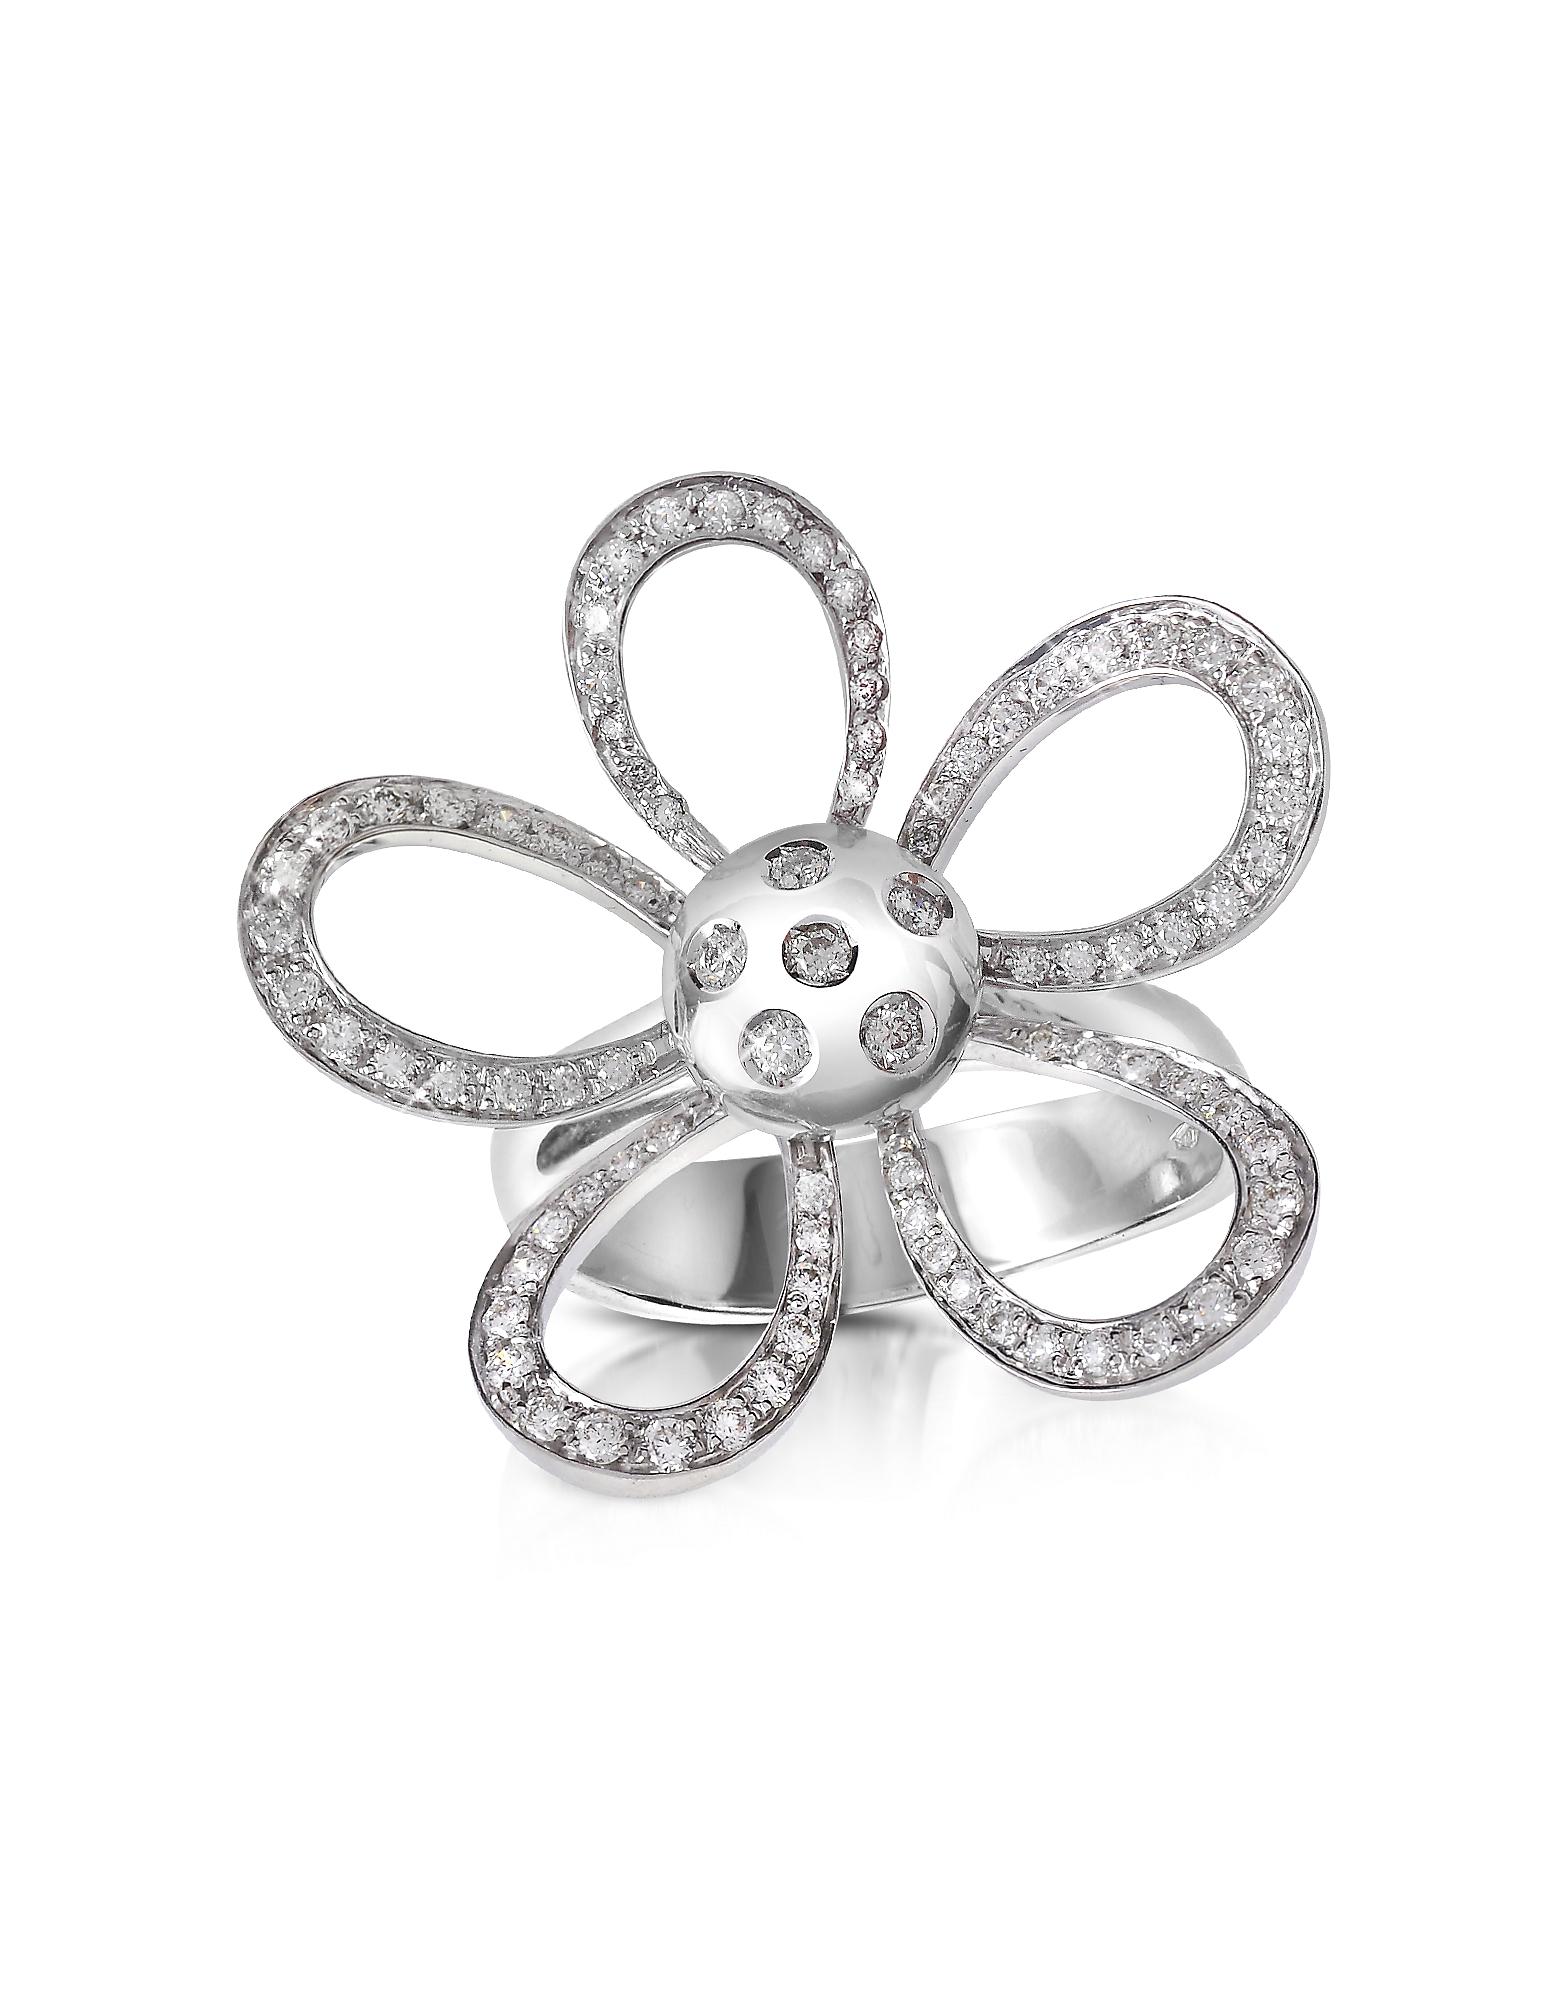 Forzieri Designer Rings, 0.57ct Diamond Flower 18K Gold Ring